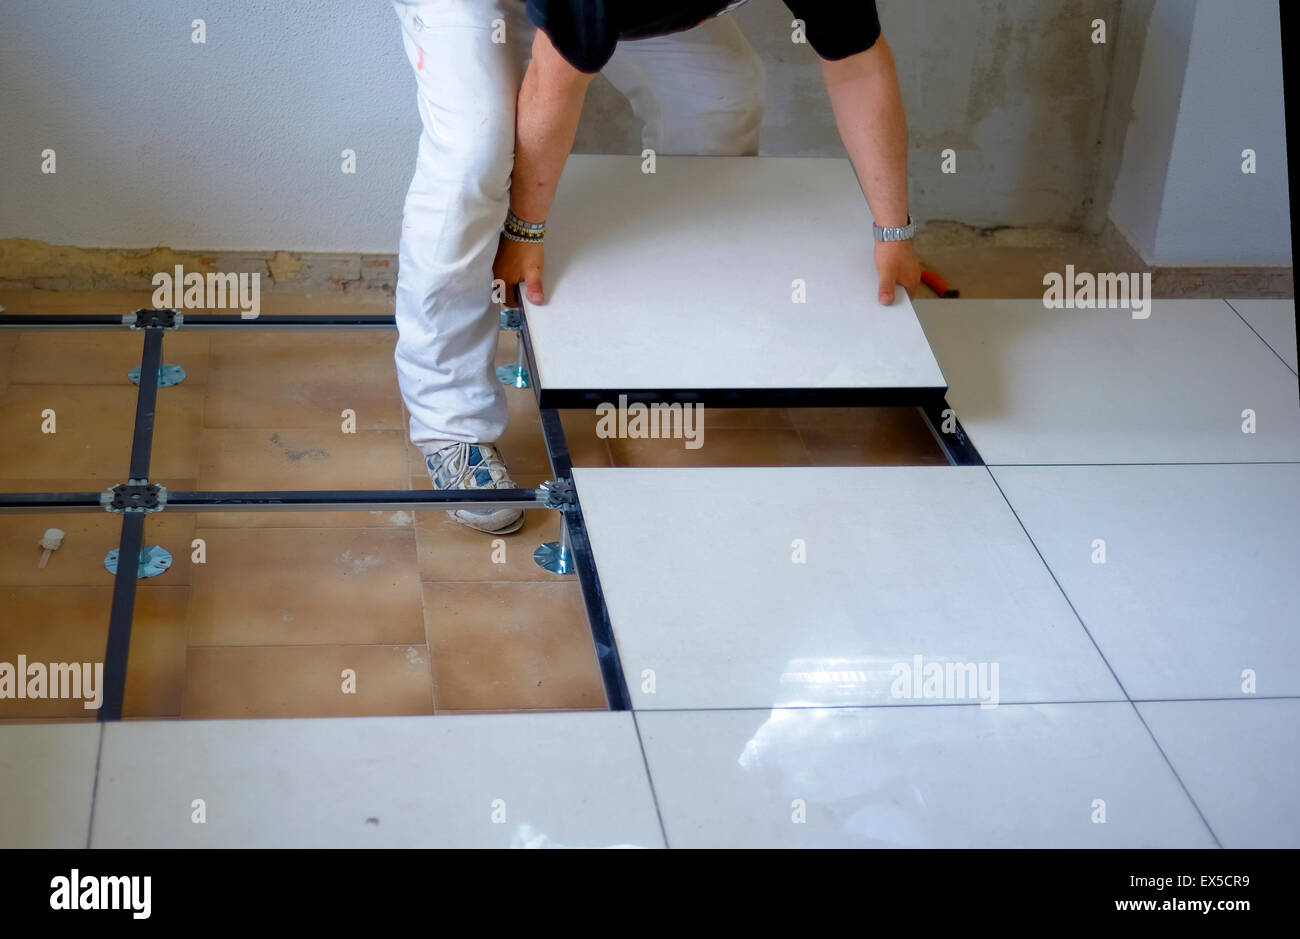 Lavoratore svolge un pavimento flottante su piedini in acciaio in